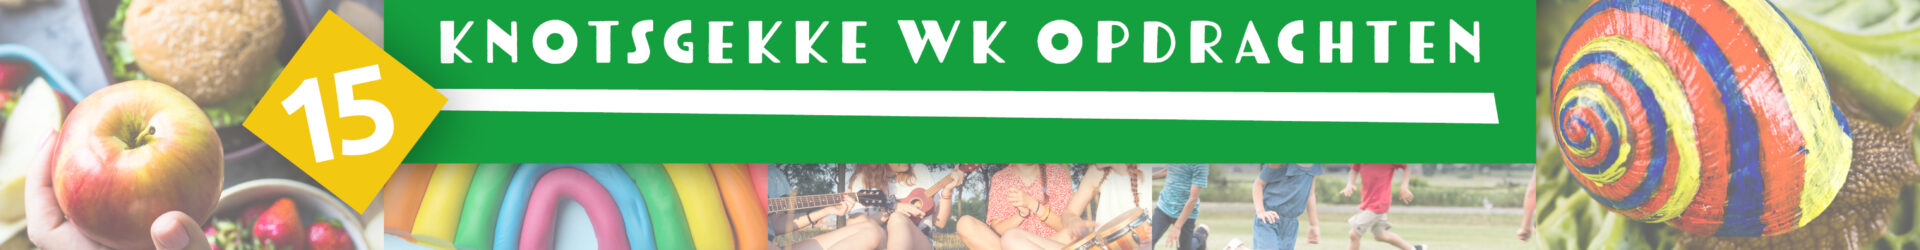 Ontdek de knotsgekke WK strapopdrachten!